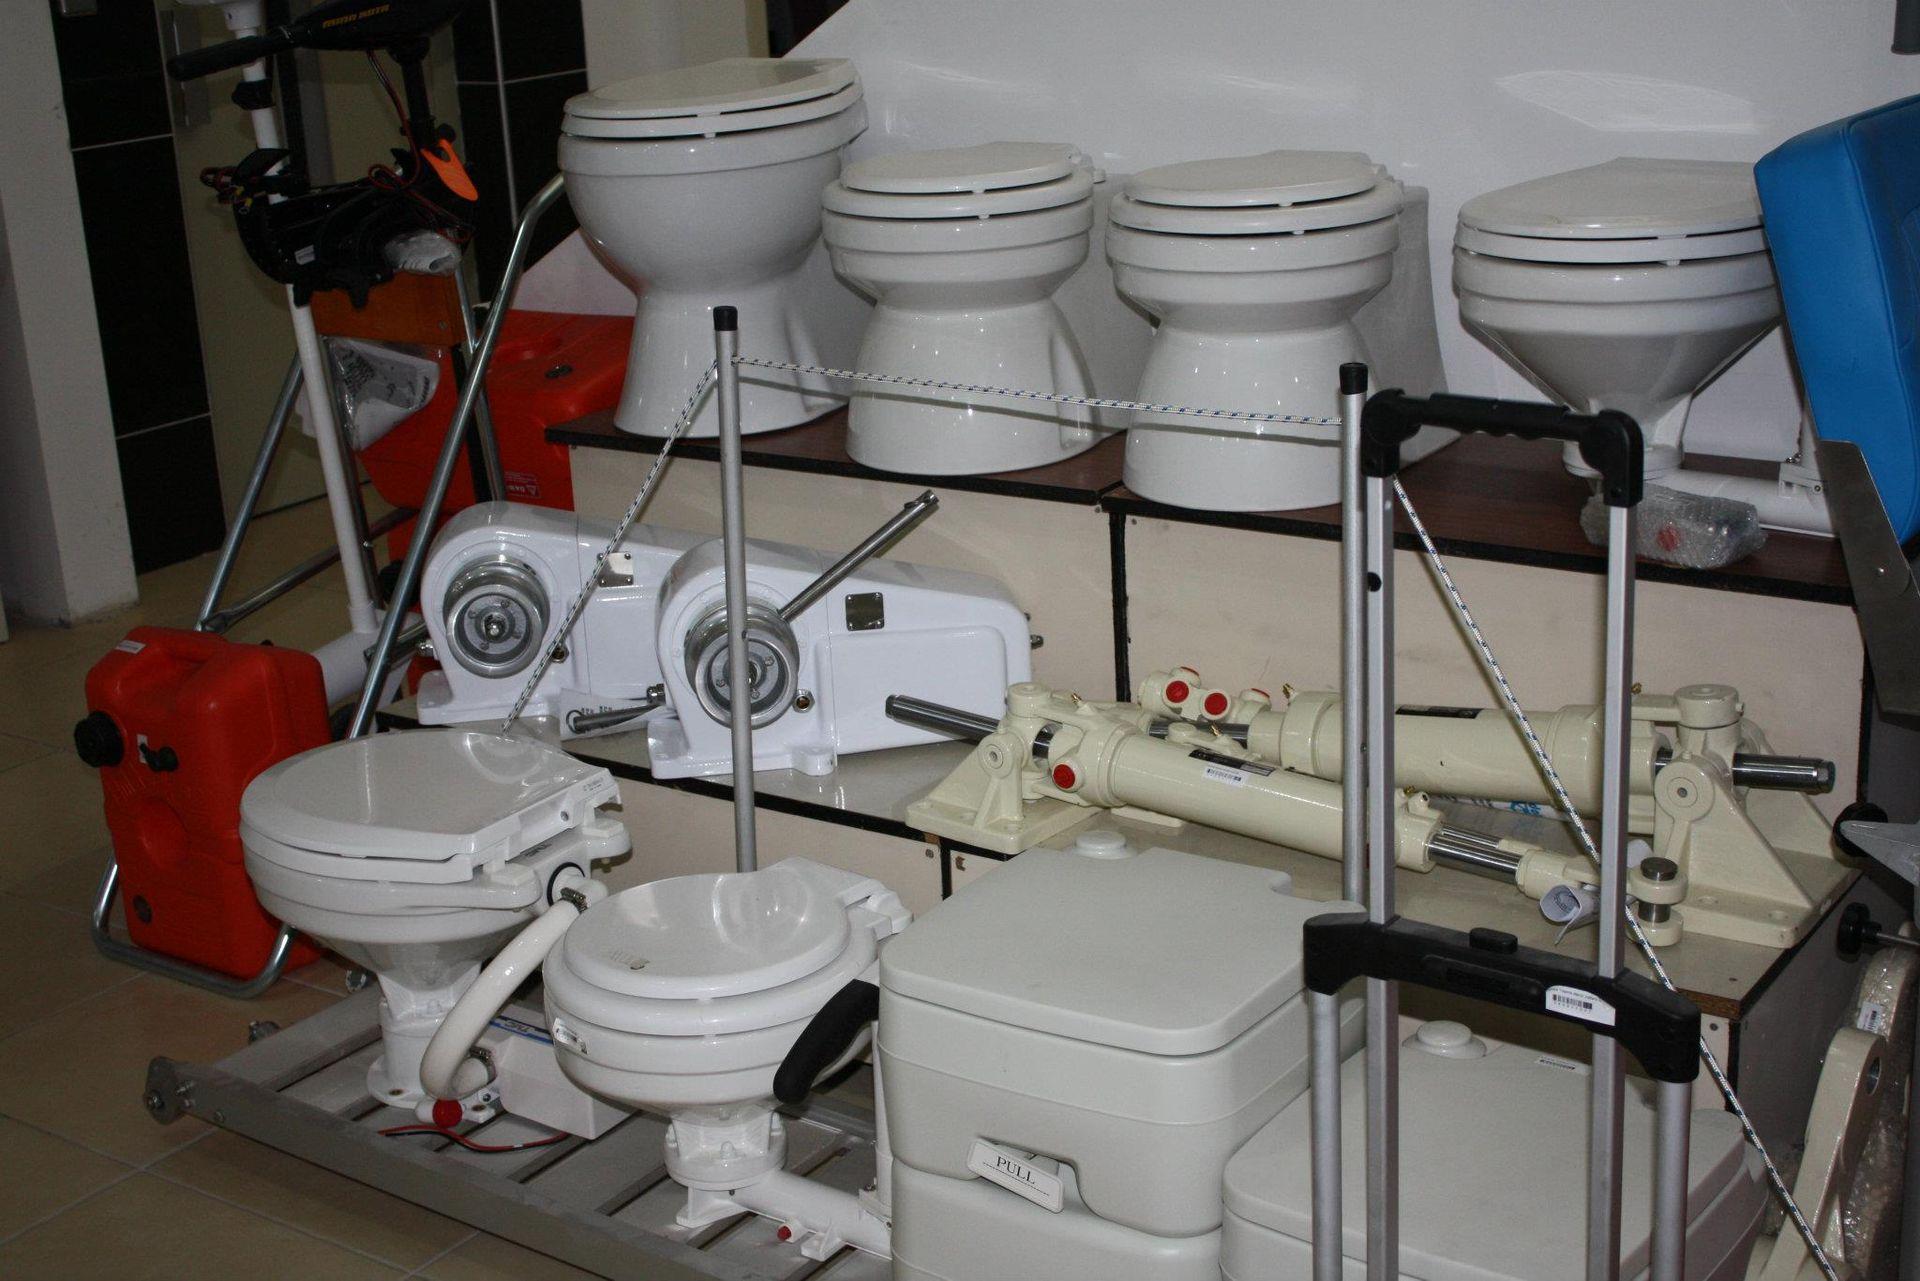 Portable Toilet Wikipedia